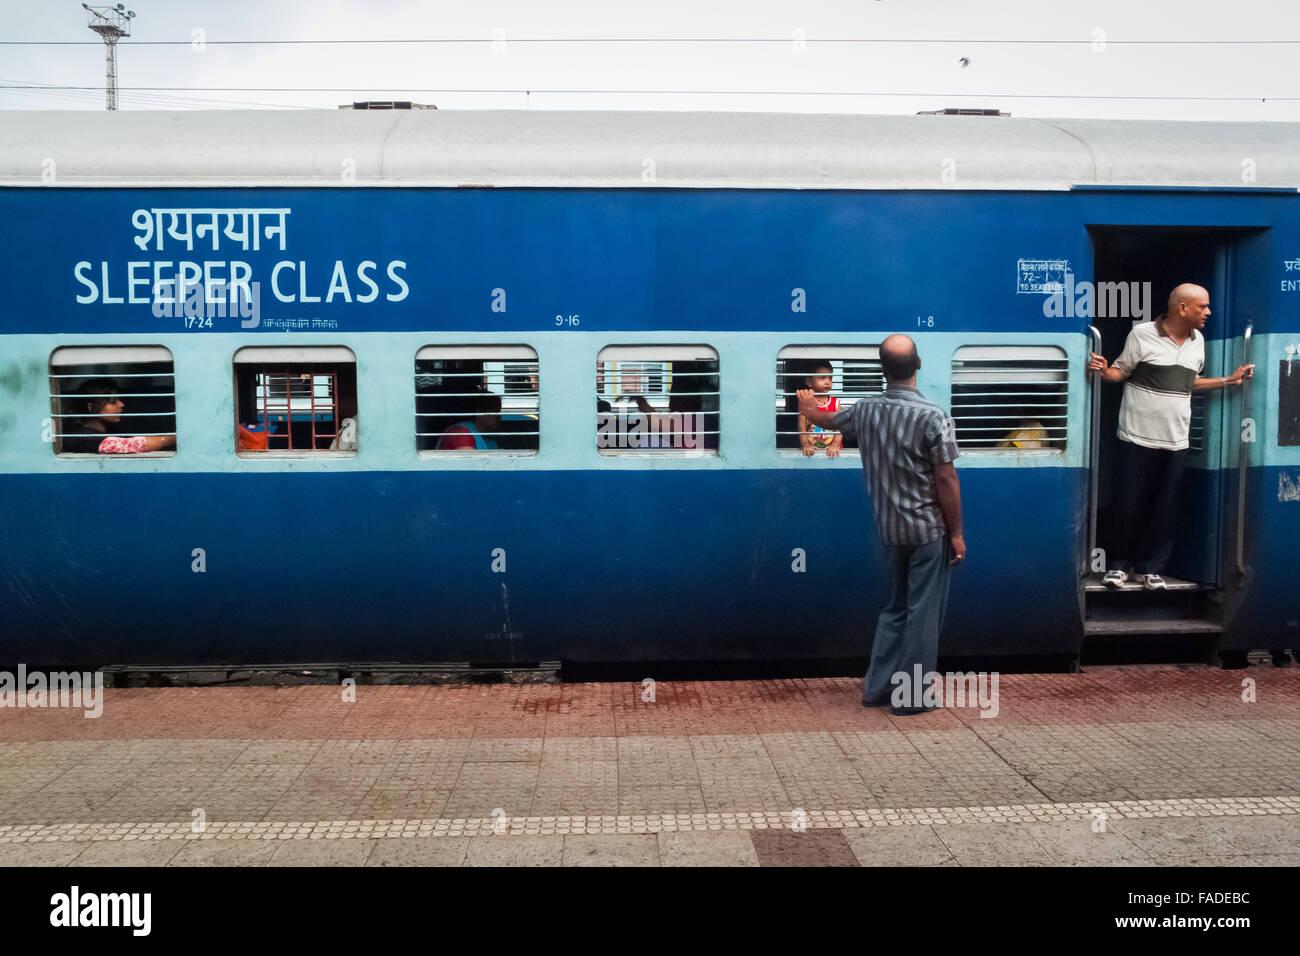 Menschen außerhalb einer Schläfer Serviceklasse Indien Eisenbahn. Stockfoto